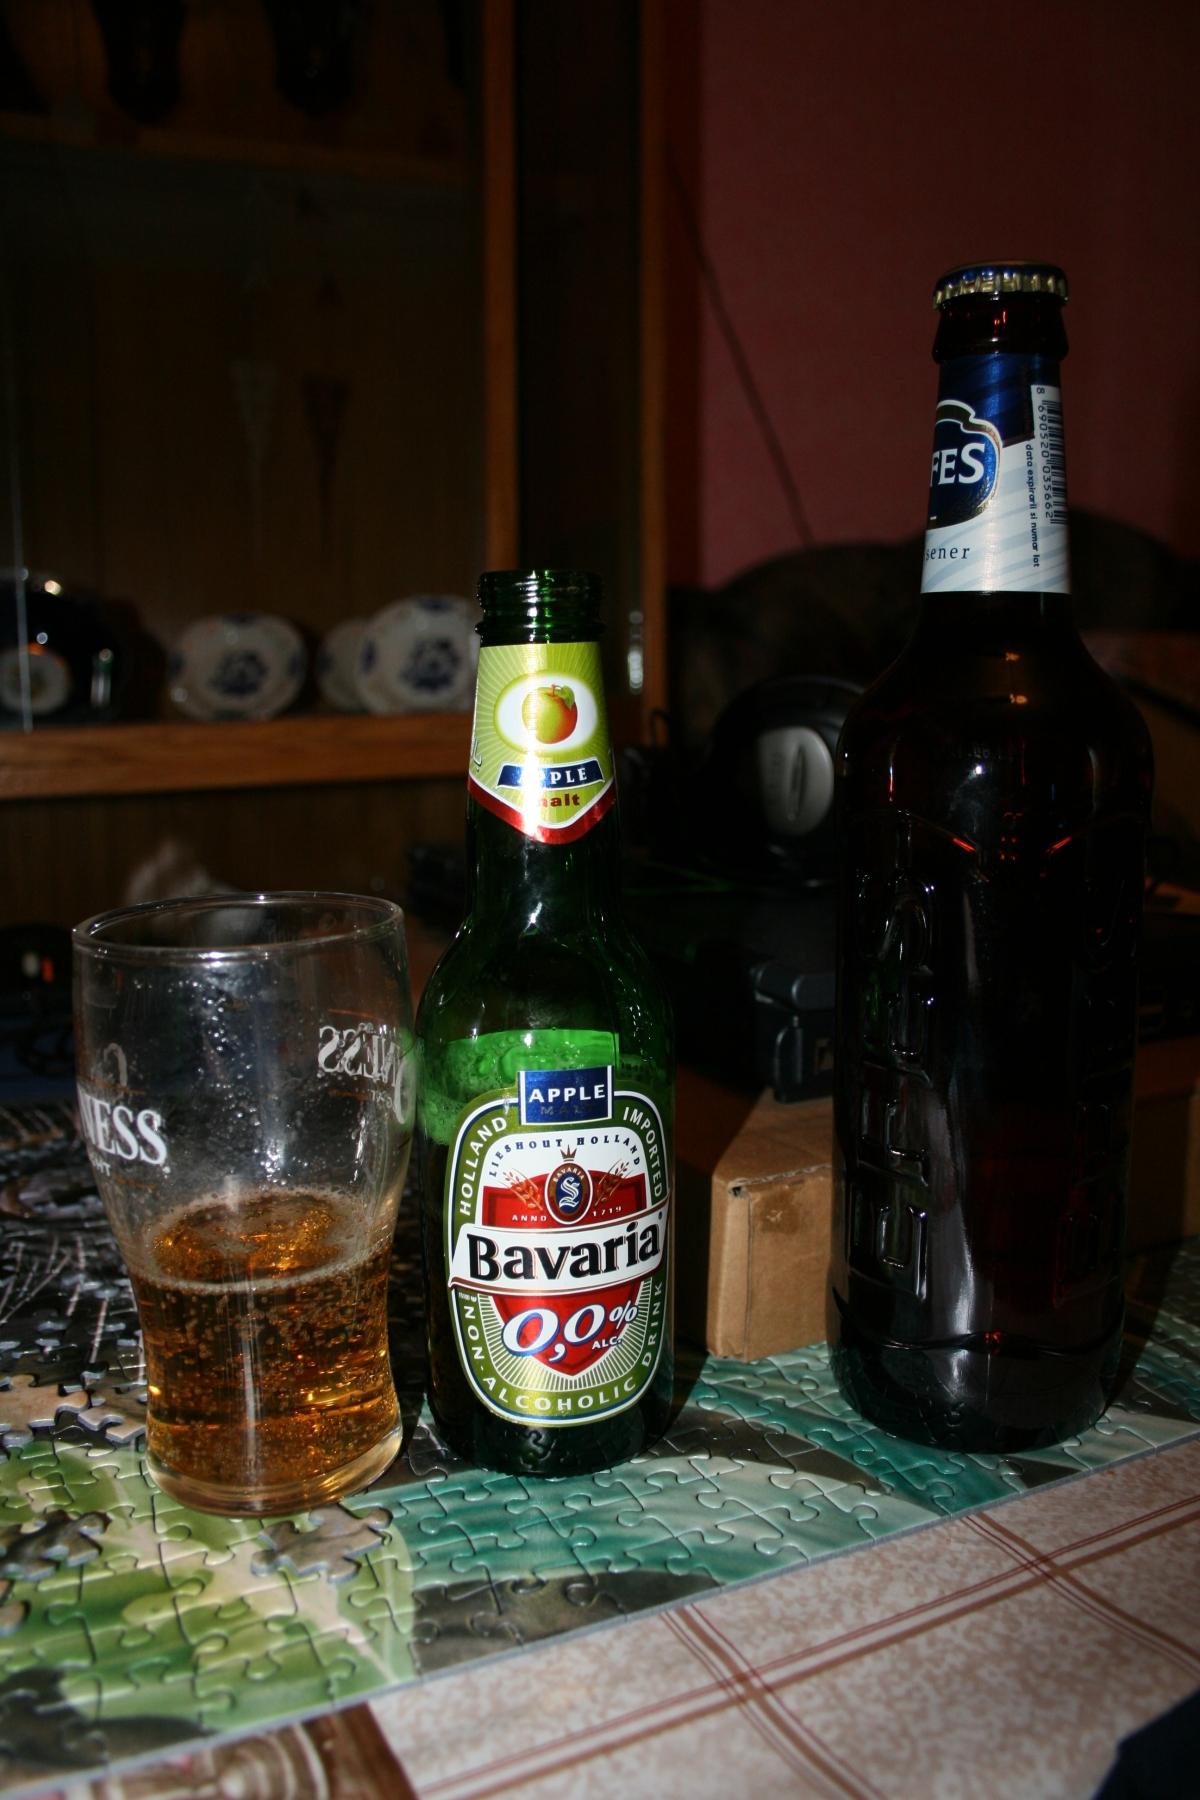 bavaria apple beer